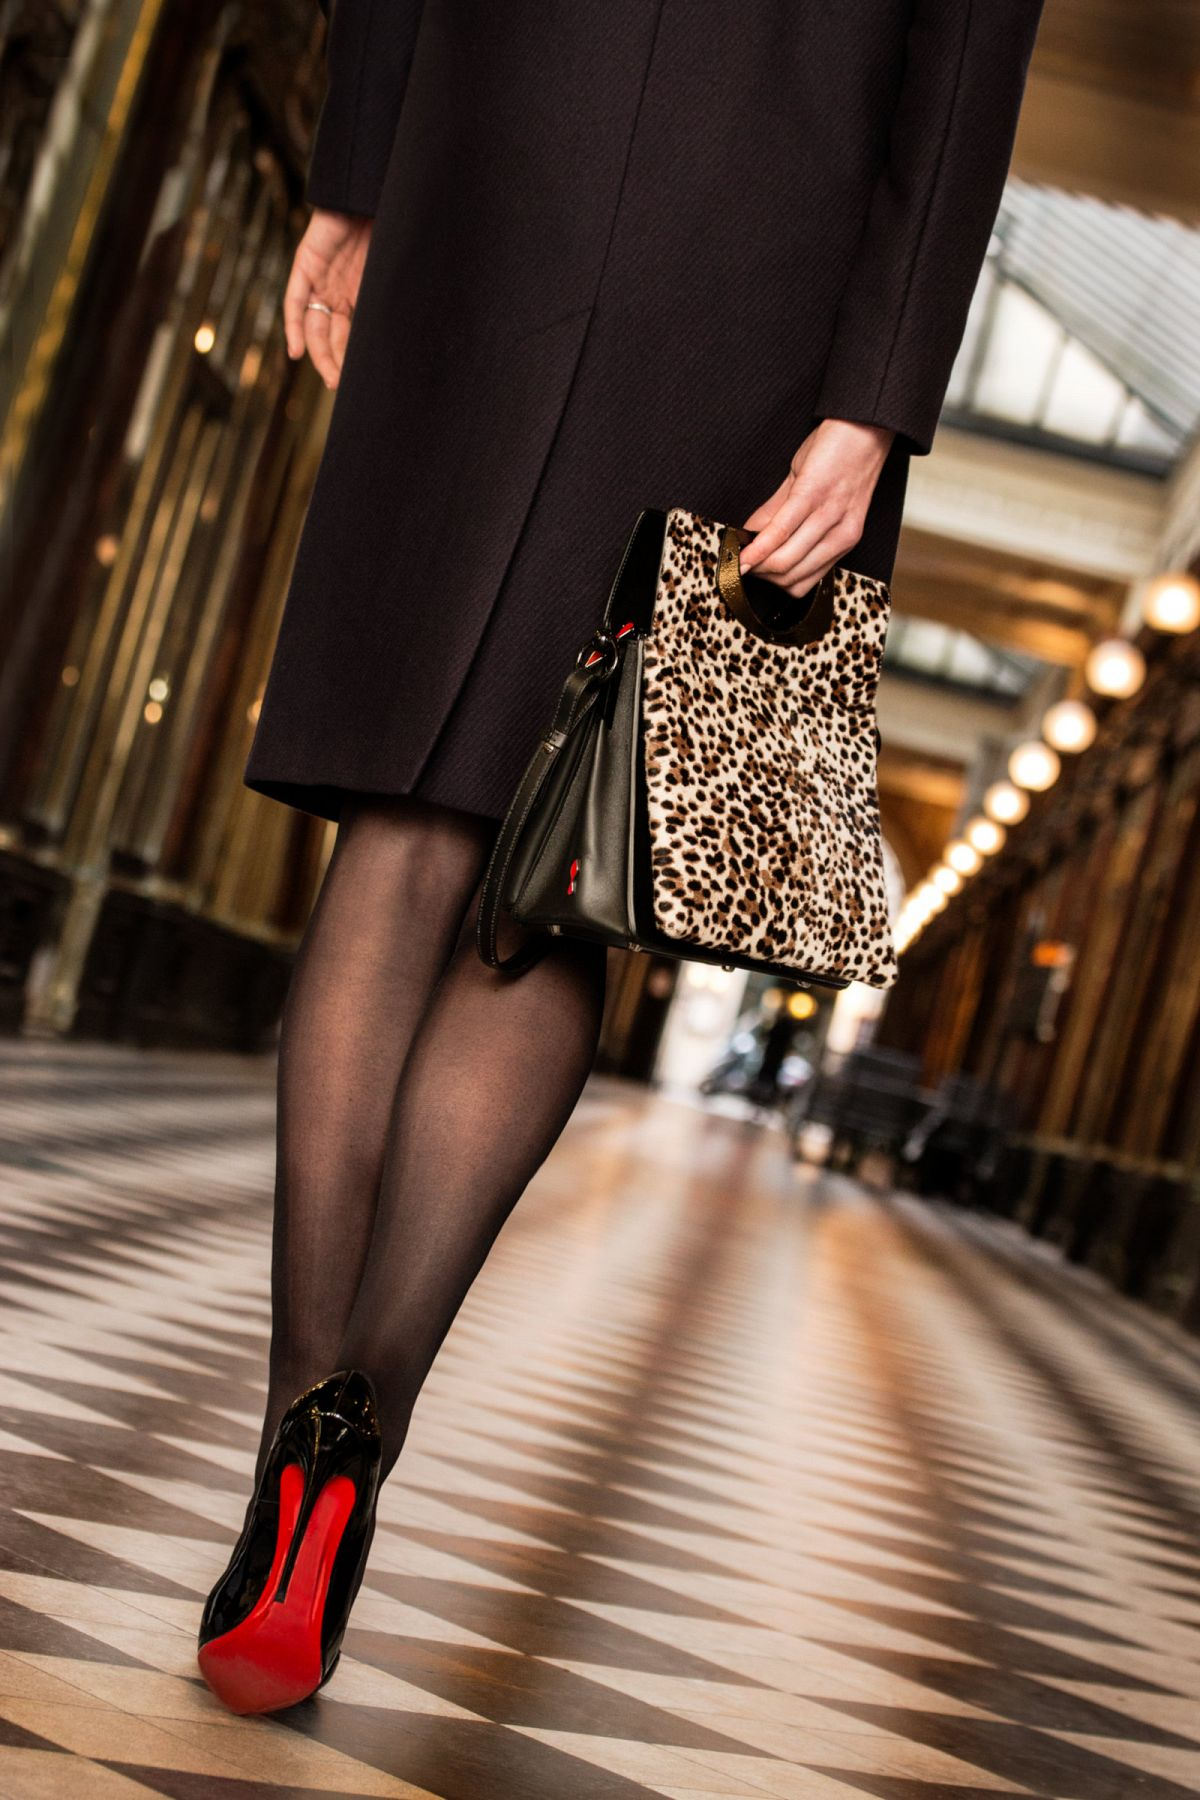 site réputé f58bb 4f5eb News - Christian Louboutin Boutique en ligne - A Stroll Down ...